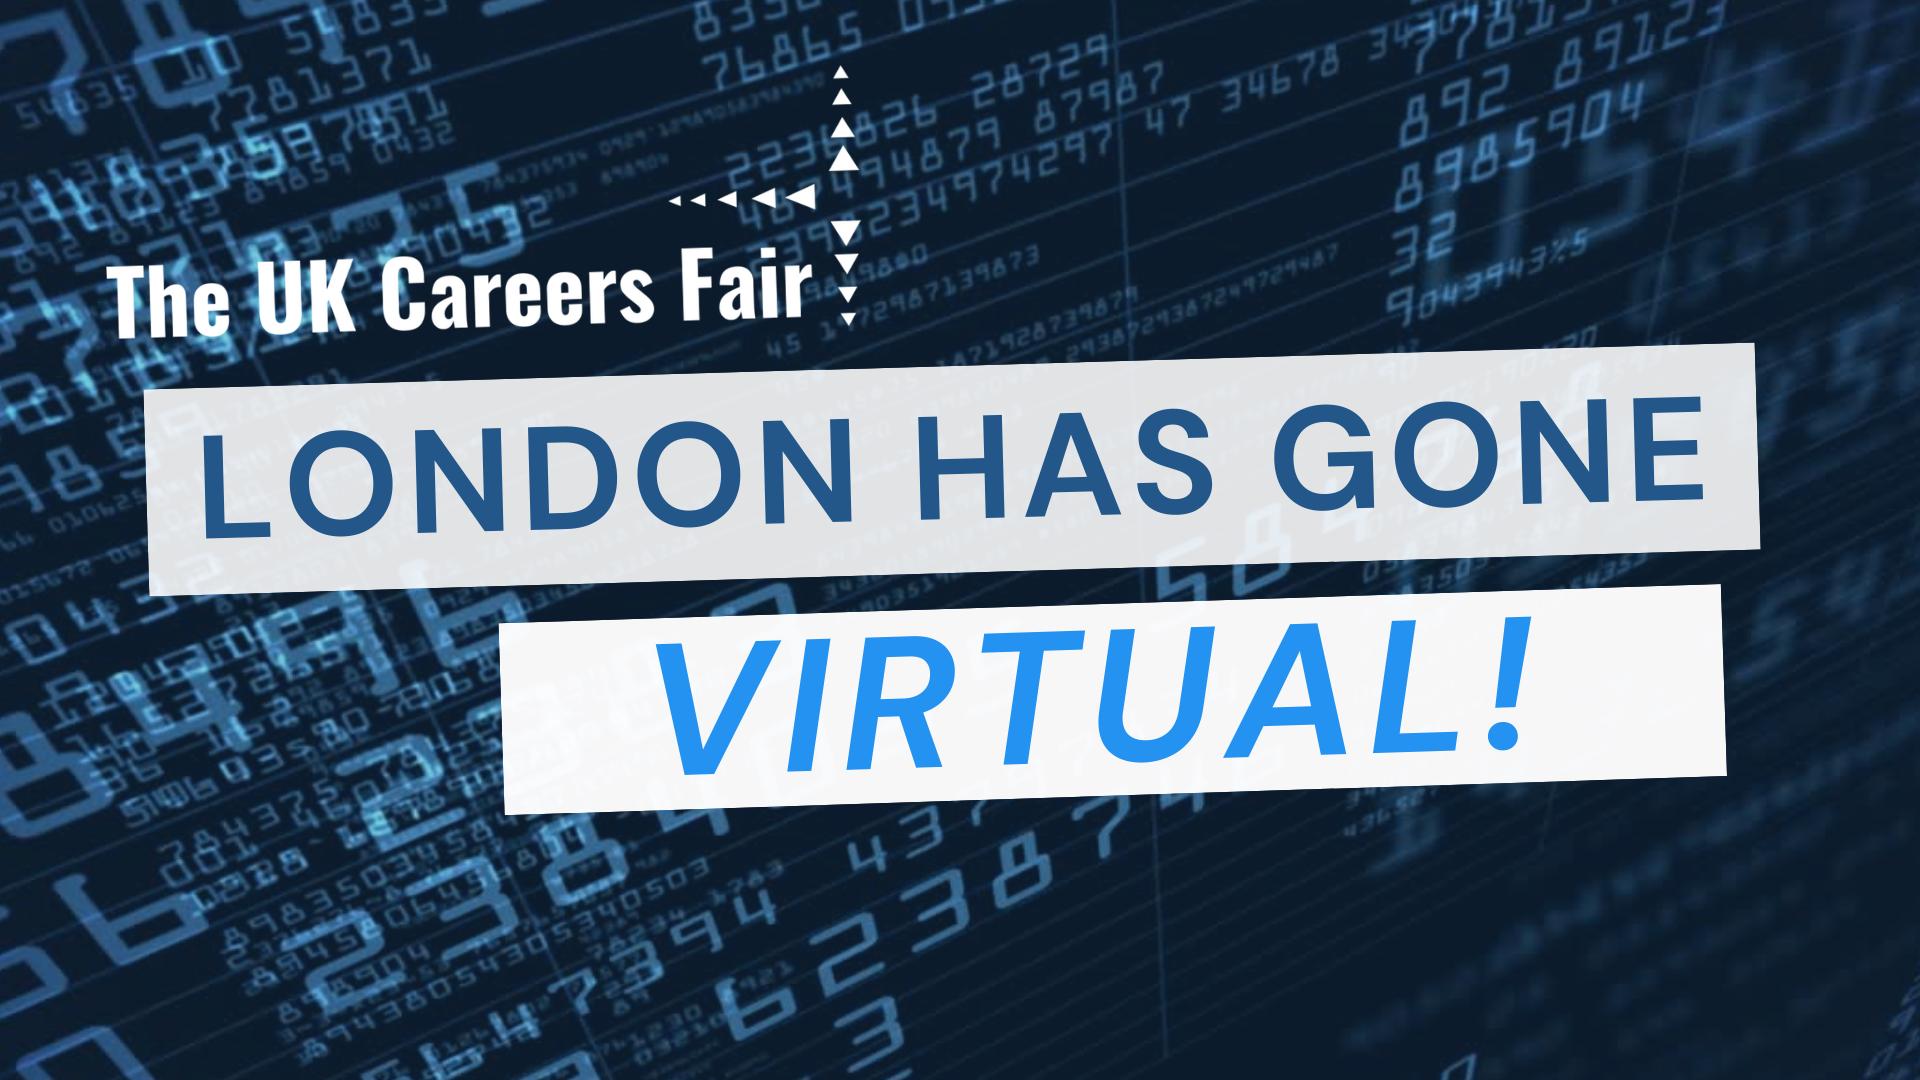 London Has Gone Virtual